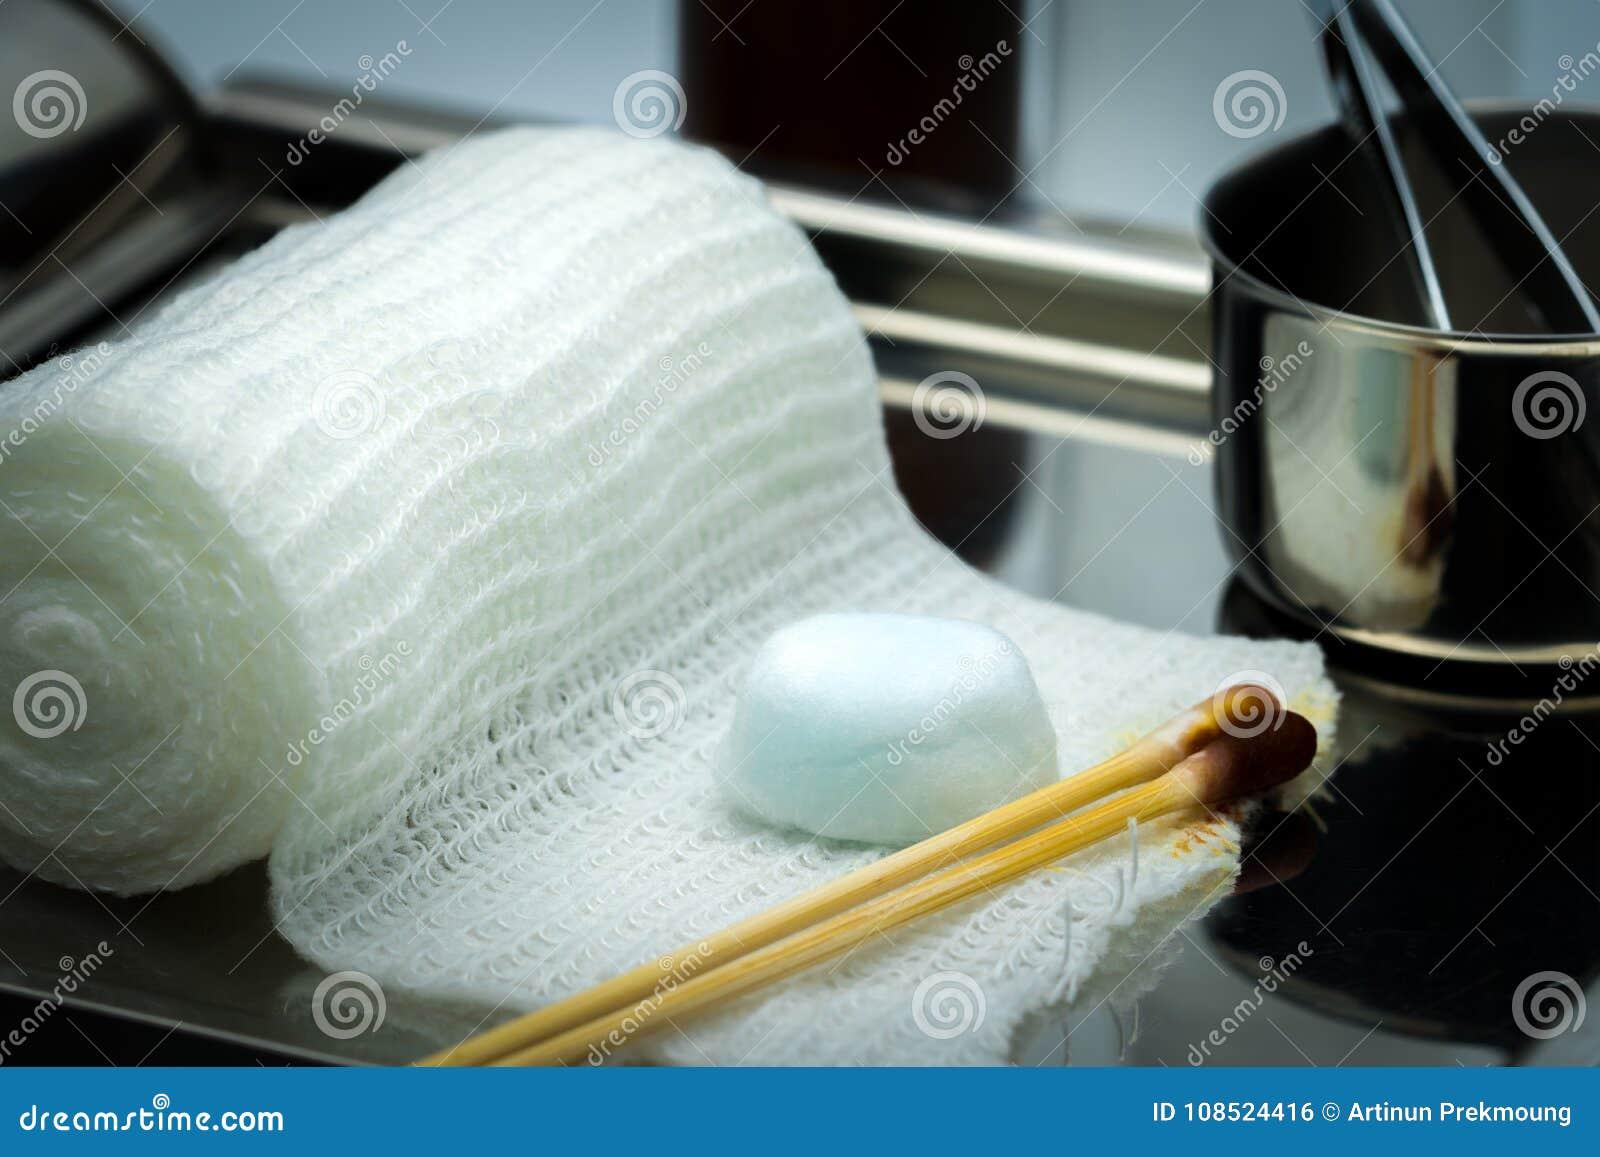 Habillage de soin de blessure réglé sur la plaque d acier inoxydable WI de boule de coton